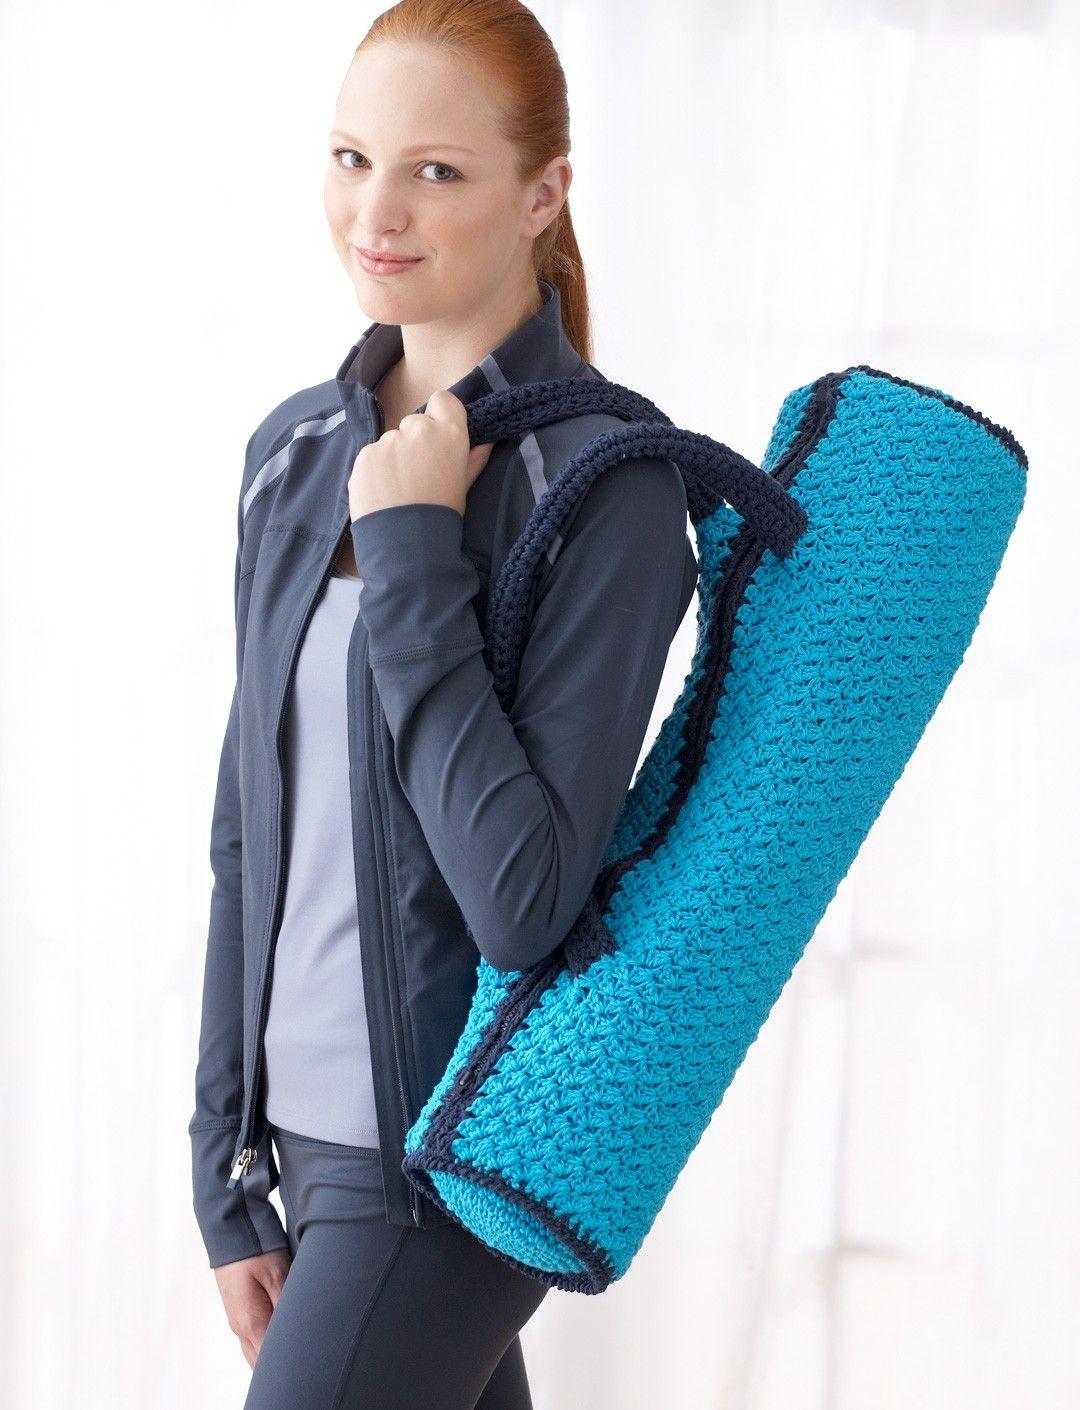 Yarnspirations Com Bernat Namaste Yoga Mat Bag Patterns Yarnspirations Yoga Mat Bag Pattern Yoga Mat Bag Handicrafter Cotton